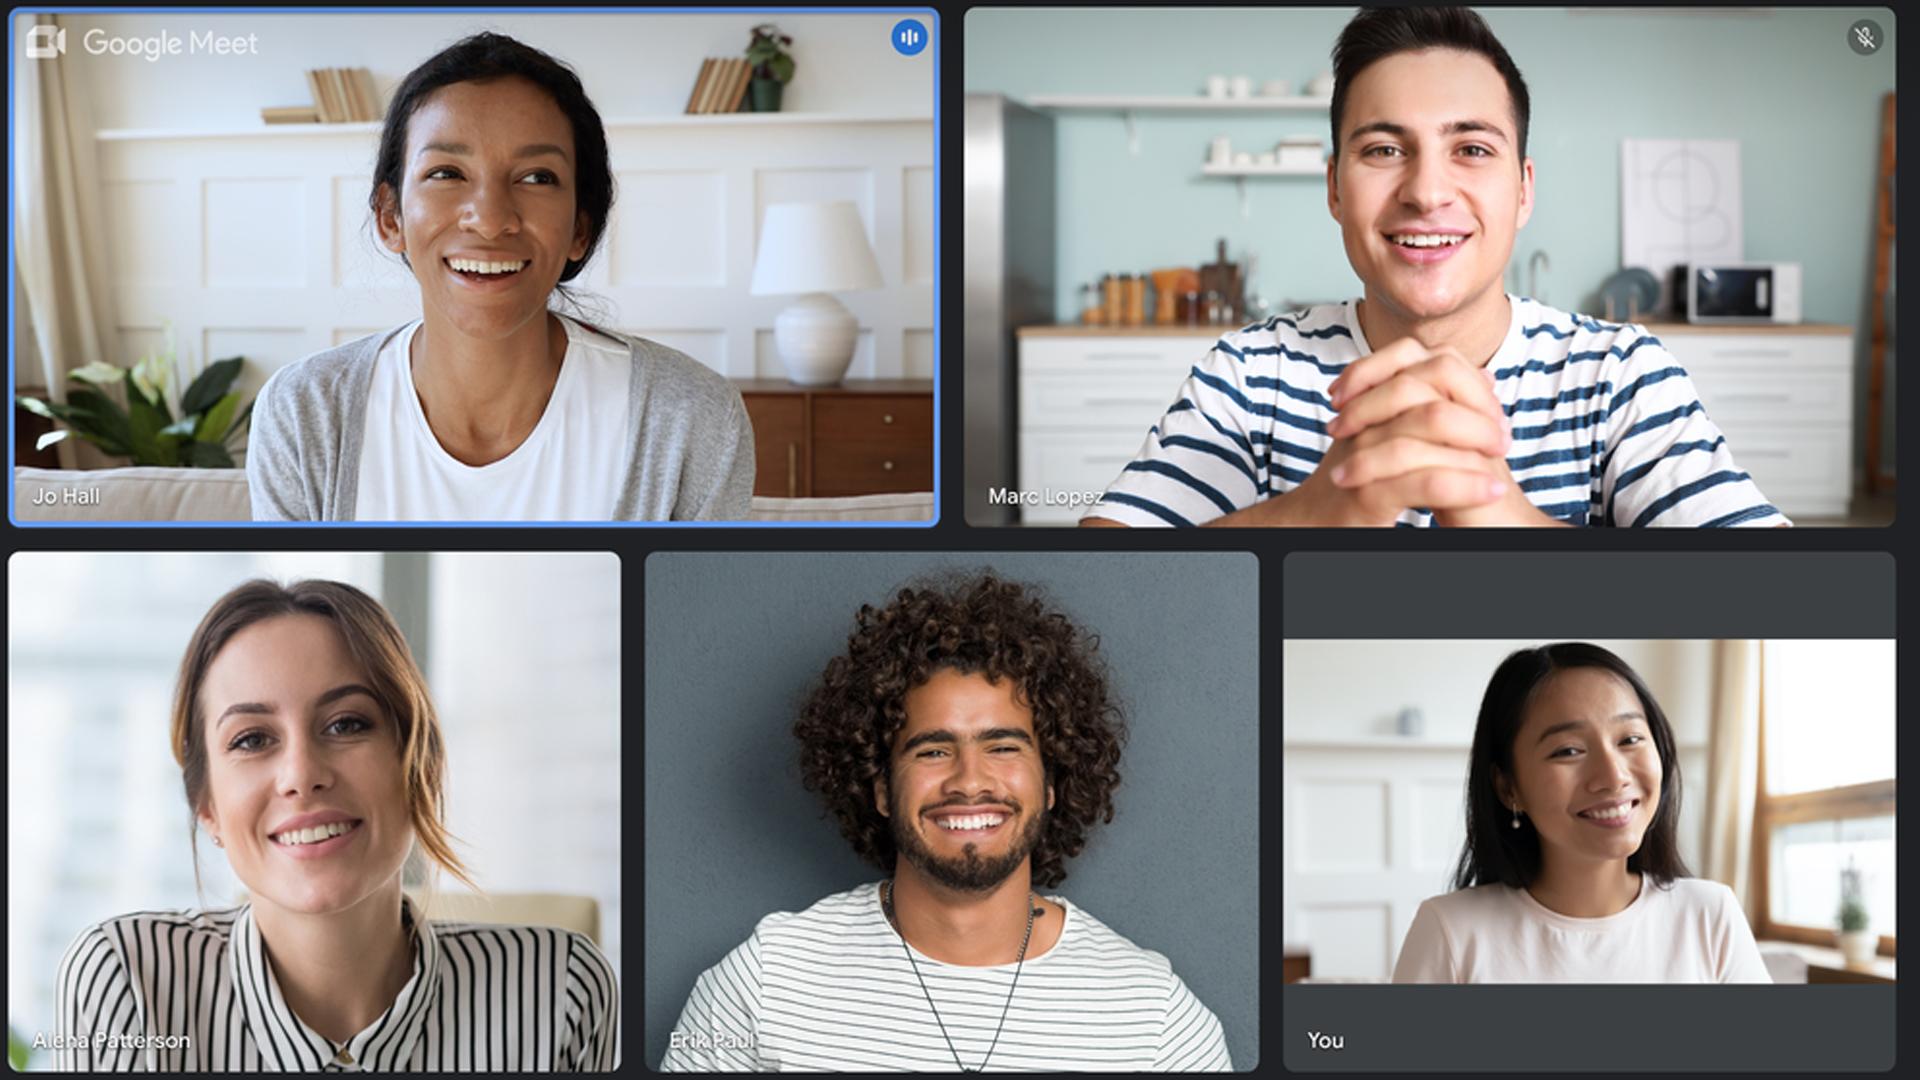 The Google Meet app on a Chromebook.